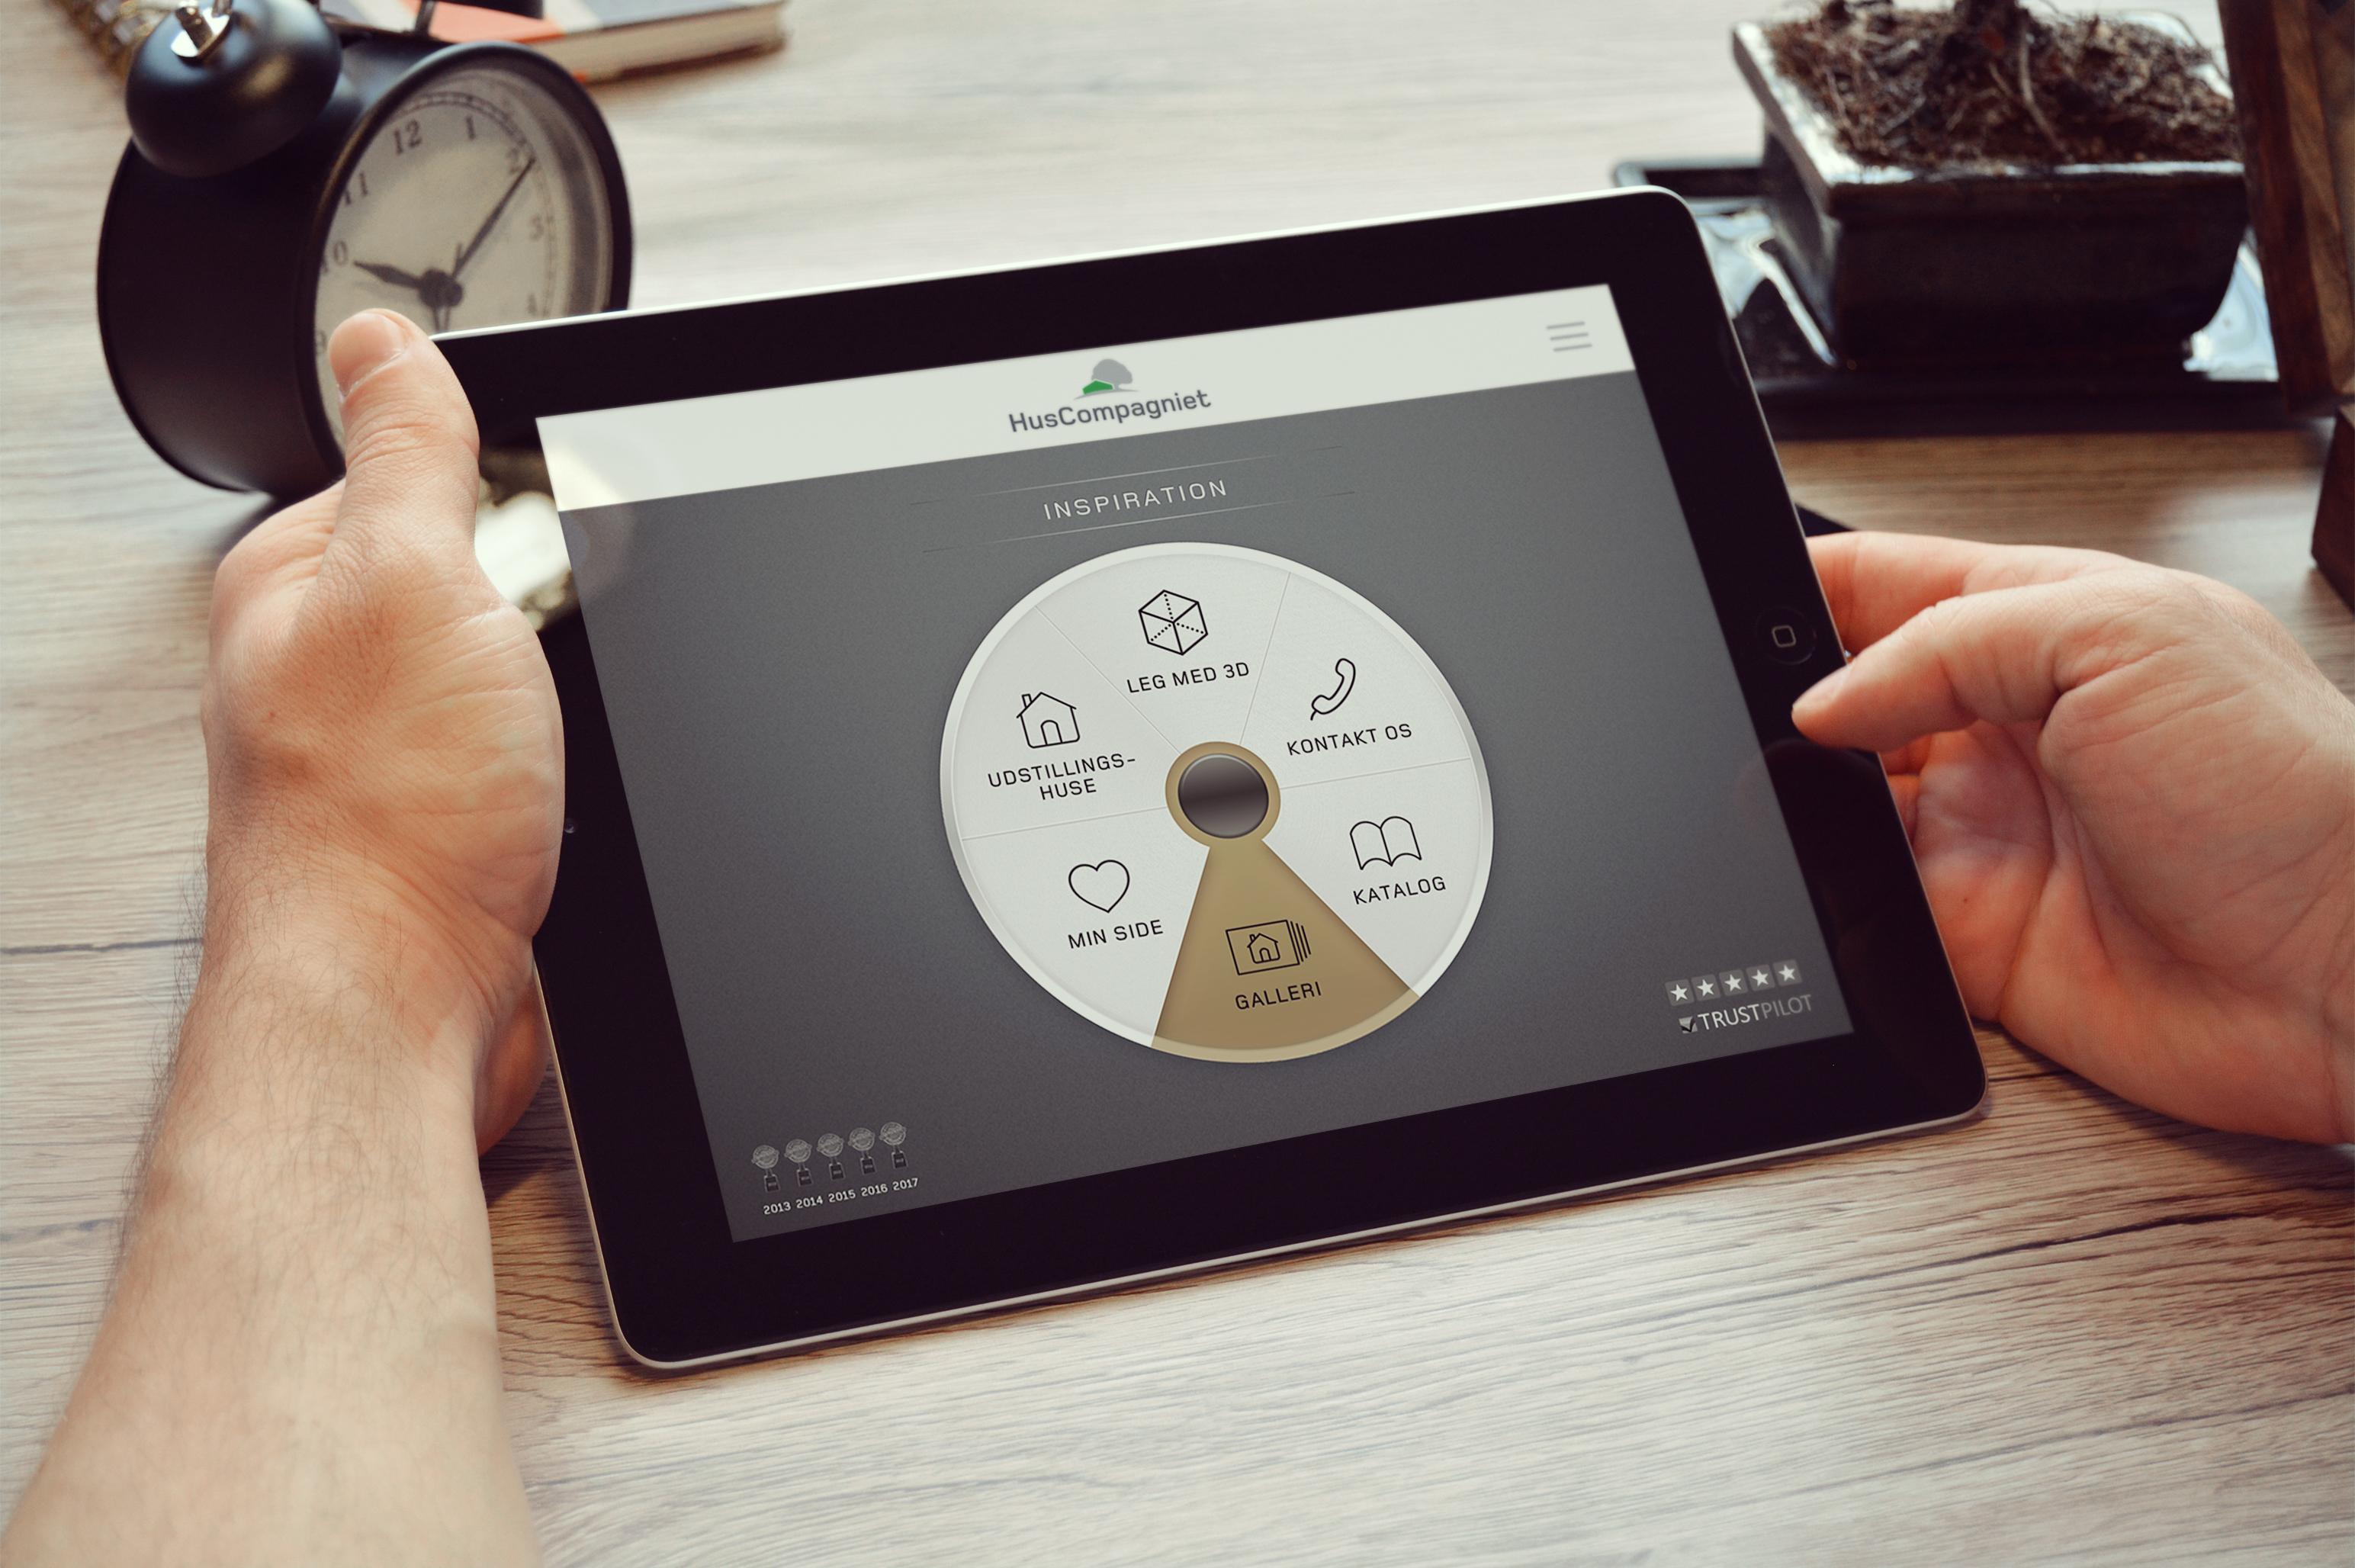 Huscompagniet-app-ipad-1